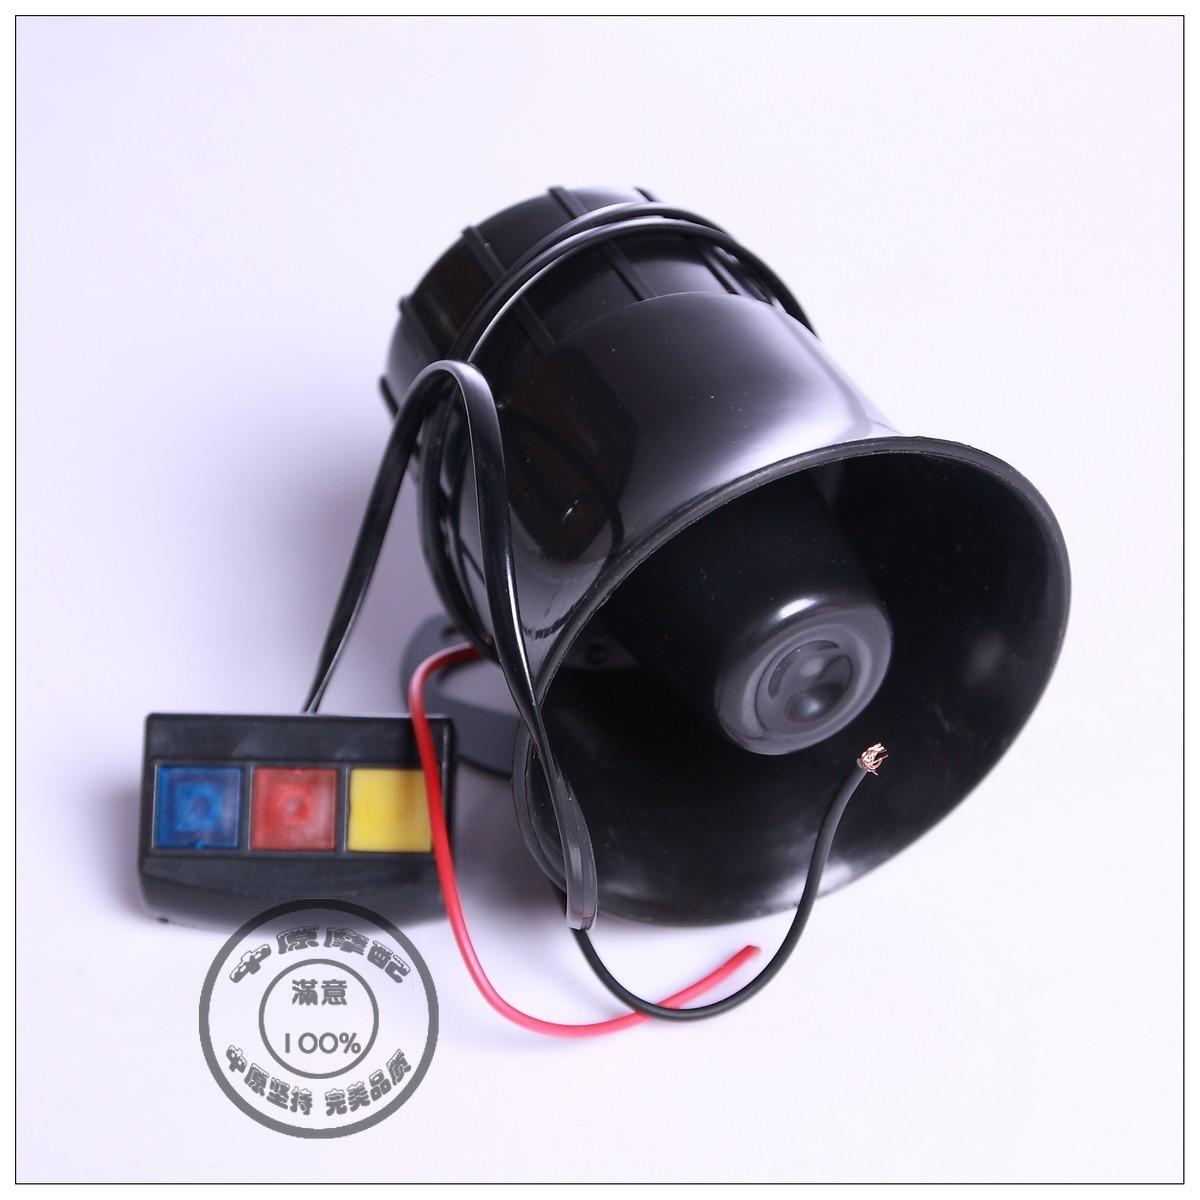 摩托车智能摇控三音喇叭警笛声12v改装喇叭 多音警报声 带视频